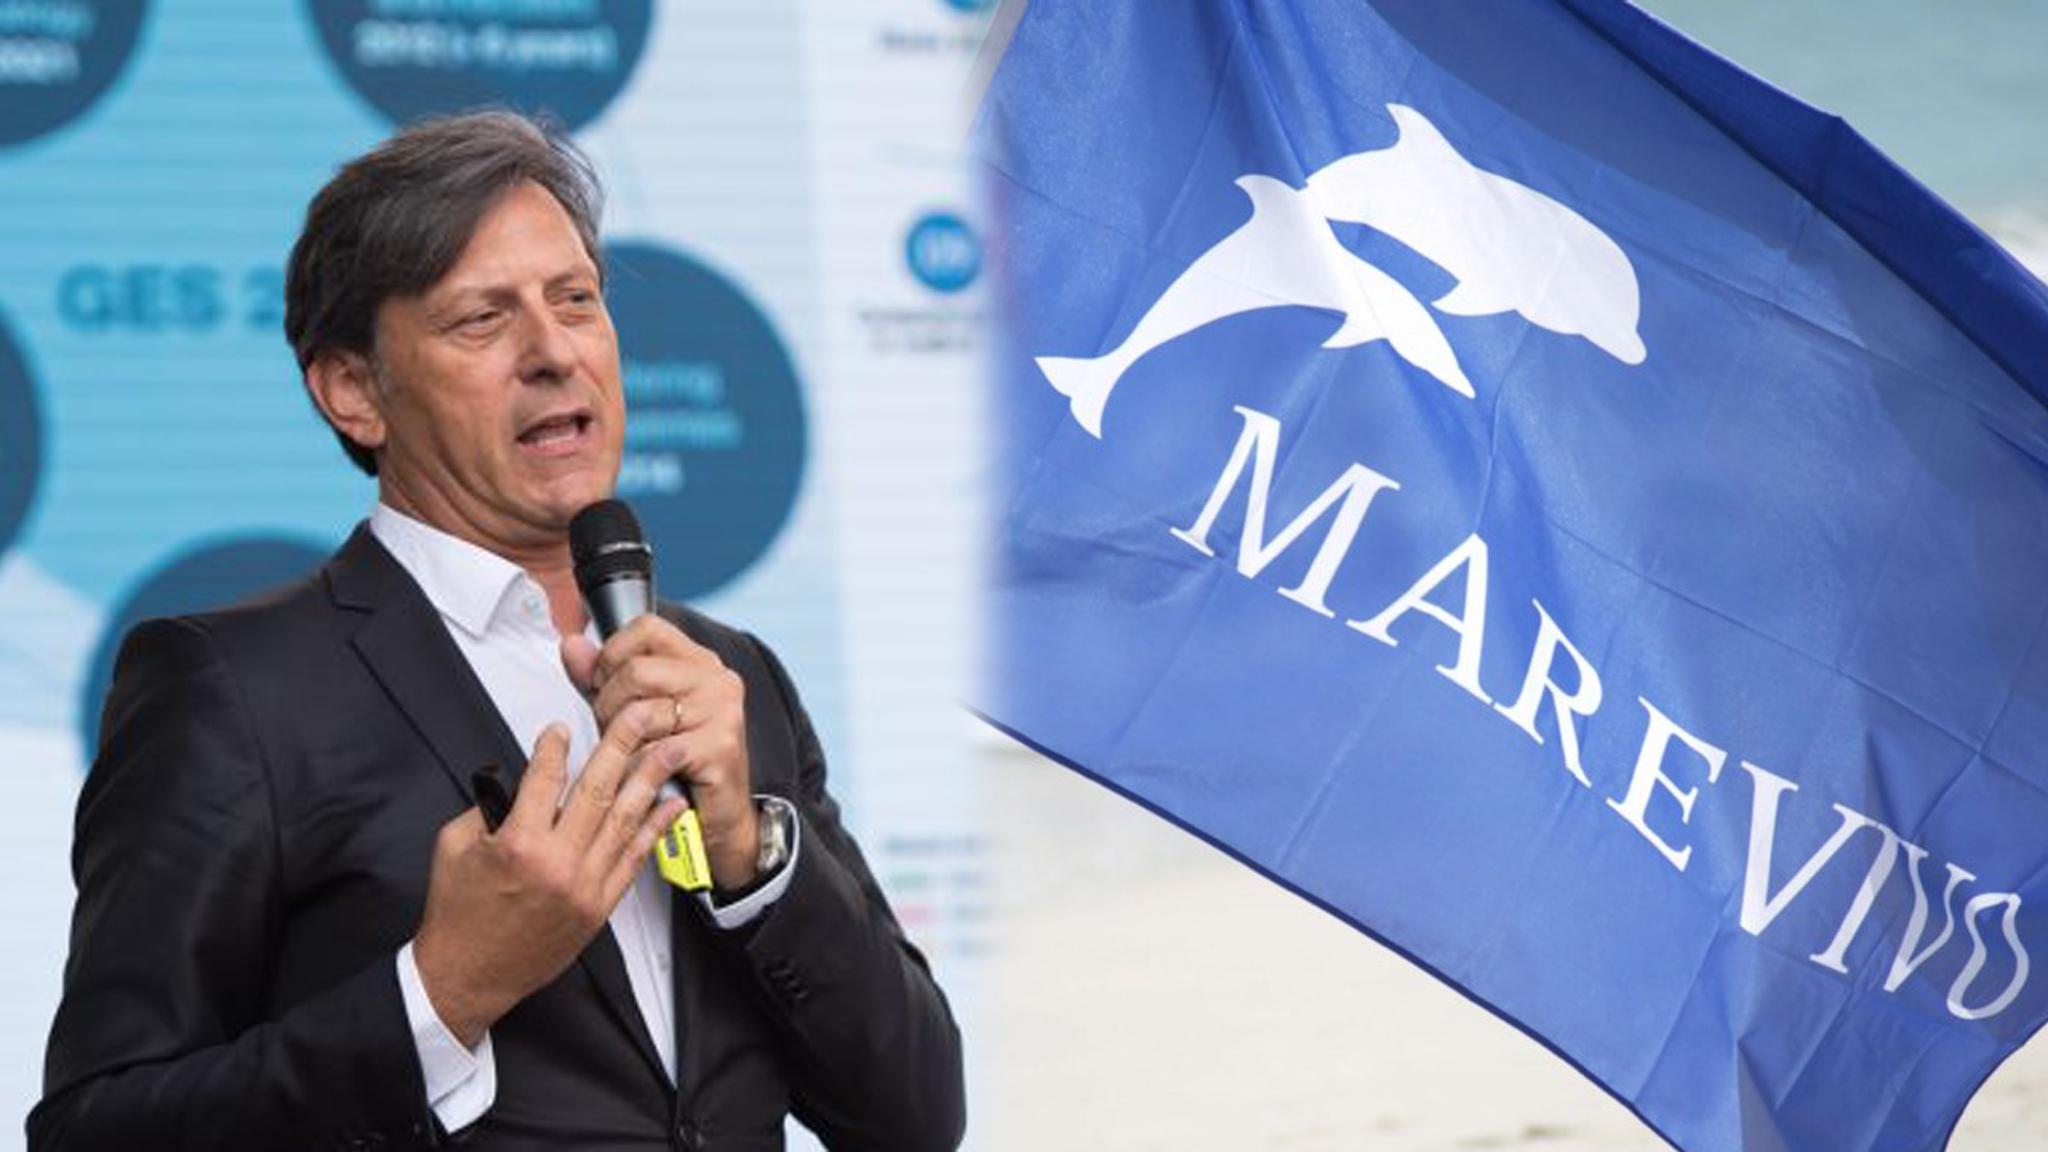 Roberto Danovaro è il maggior esperto al mondo di mari e oceani nel decennio 2010-2020